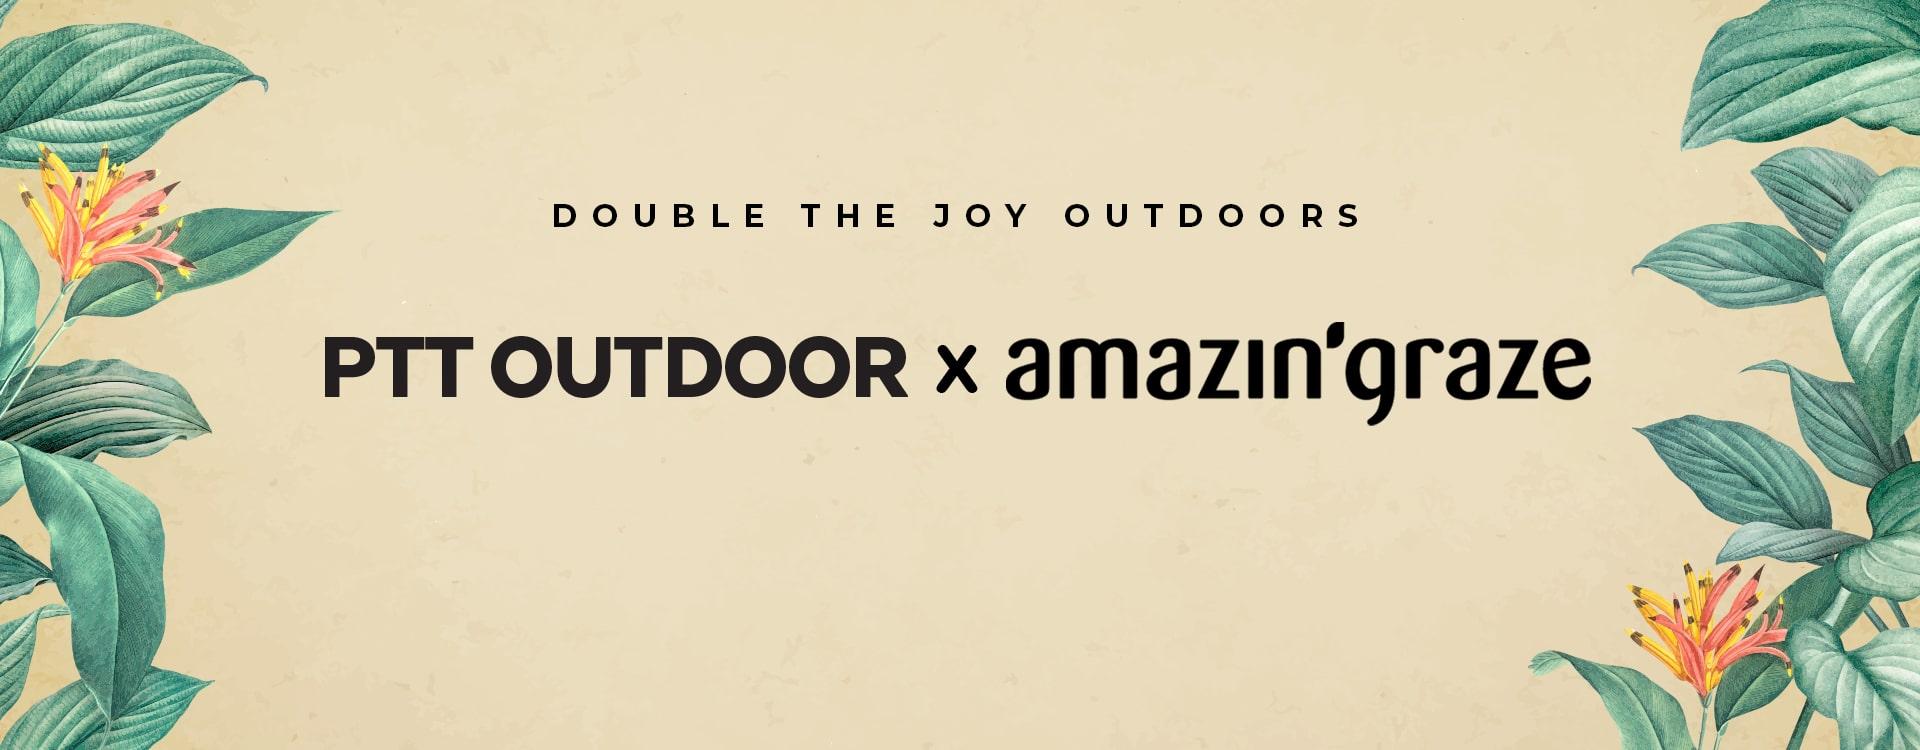 PTT Outdoor x Amazin Graze